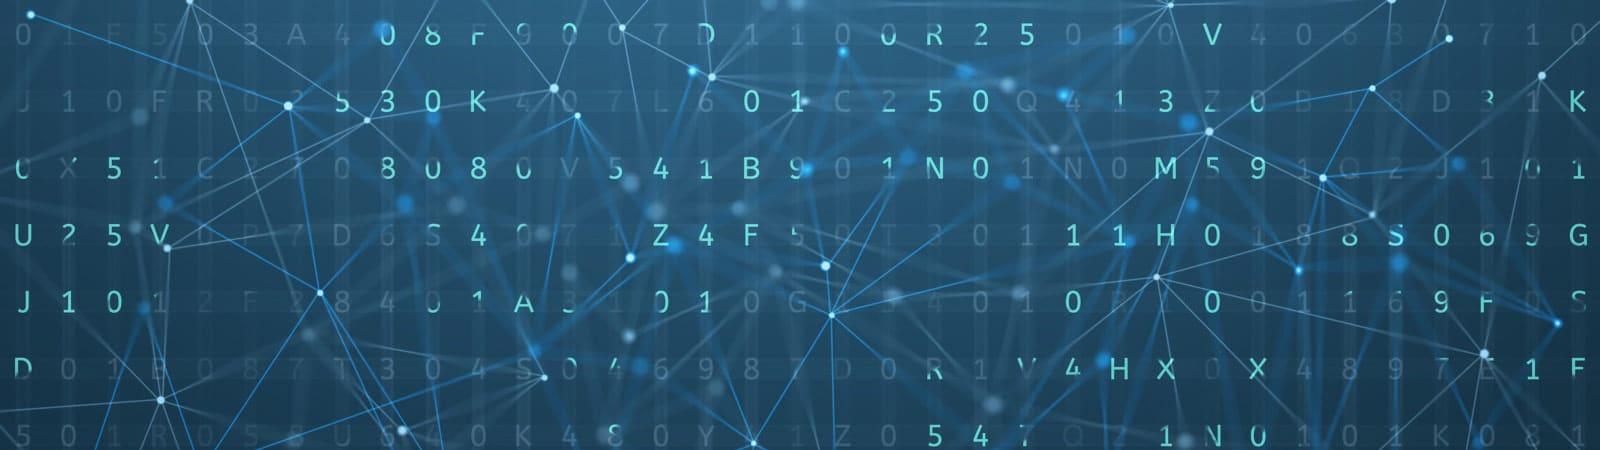 cognitivecomputingandai - Виртуализация данных в розничной торговле